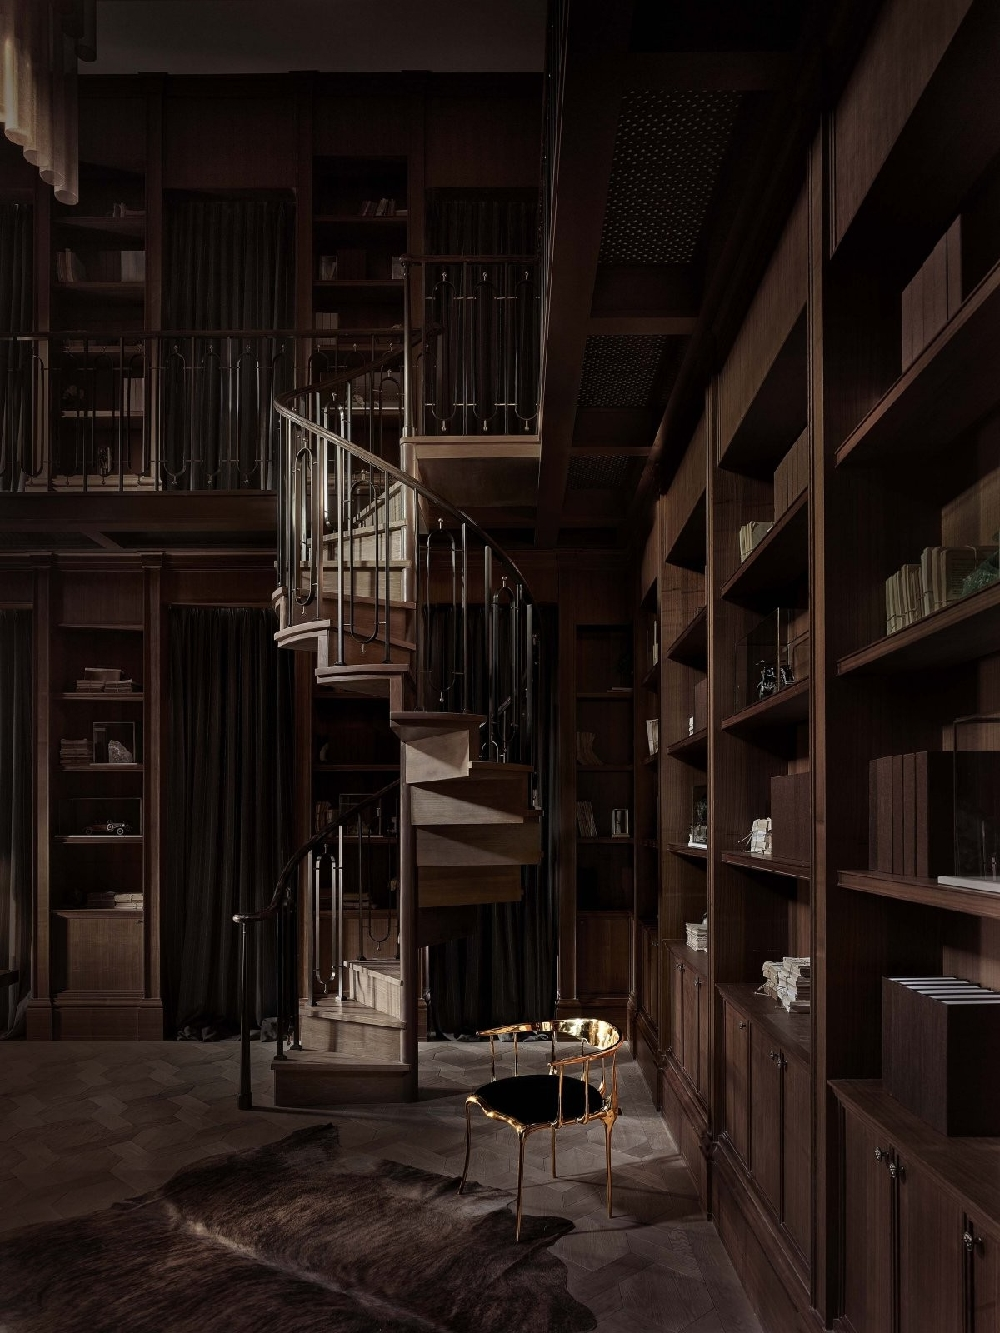 480㎡奢华法式别墅设计11393697